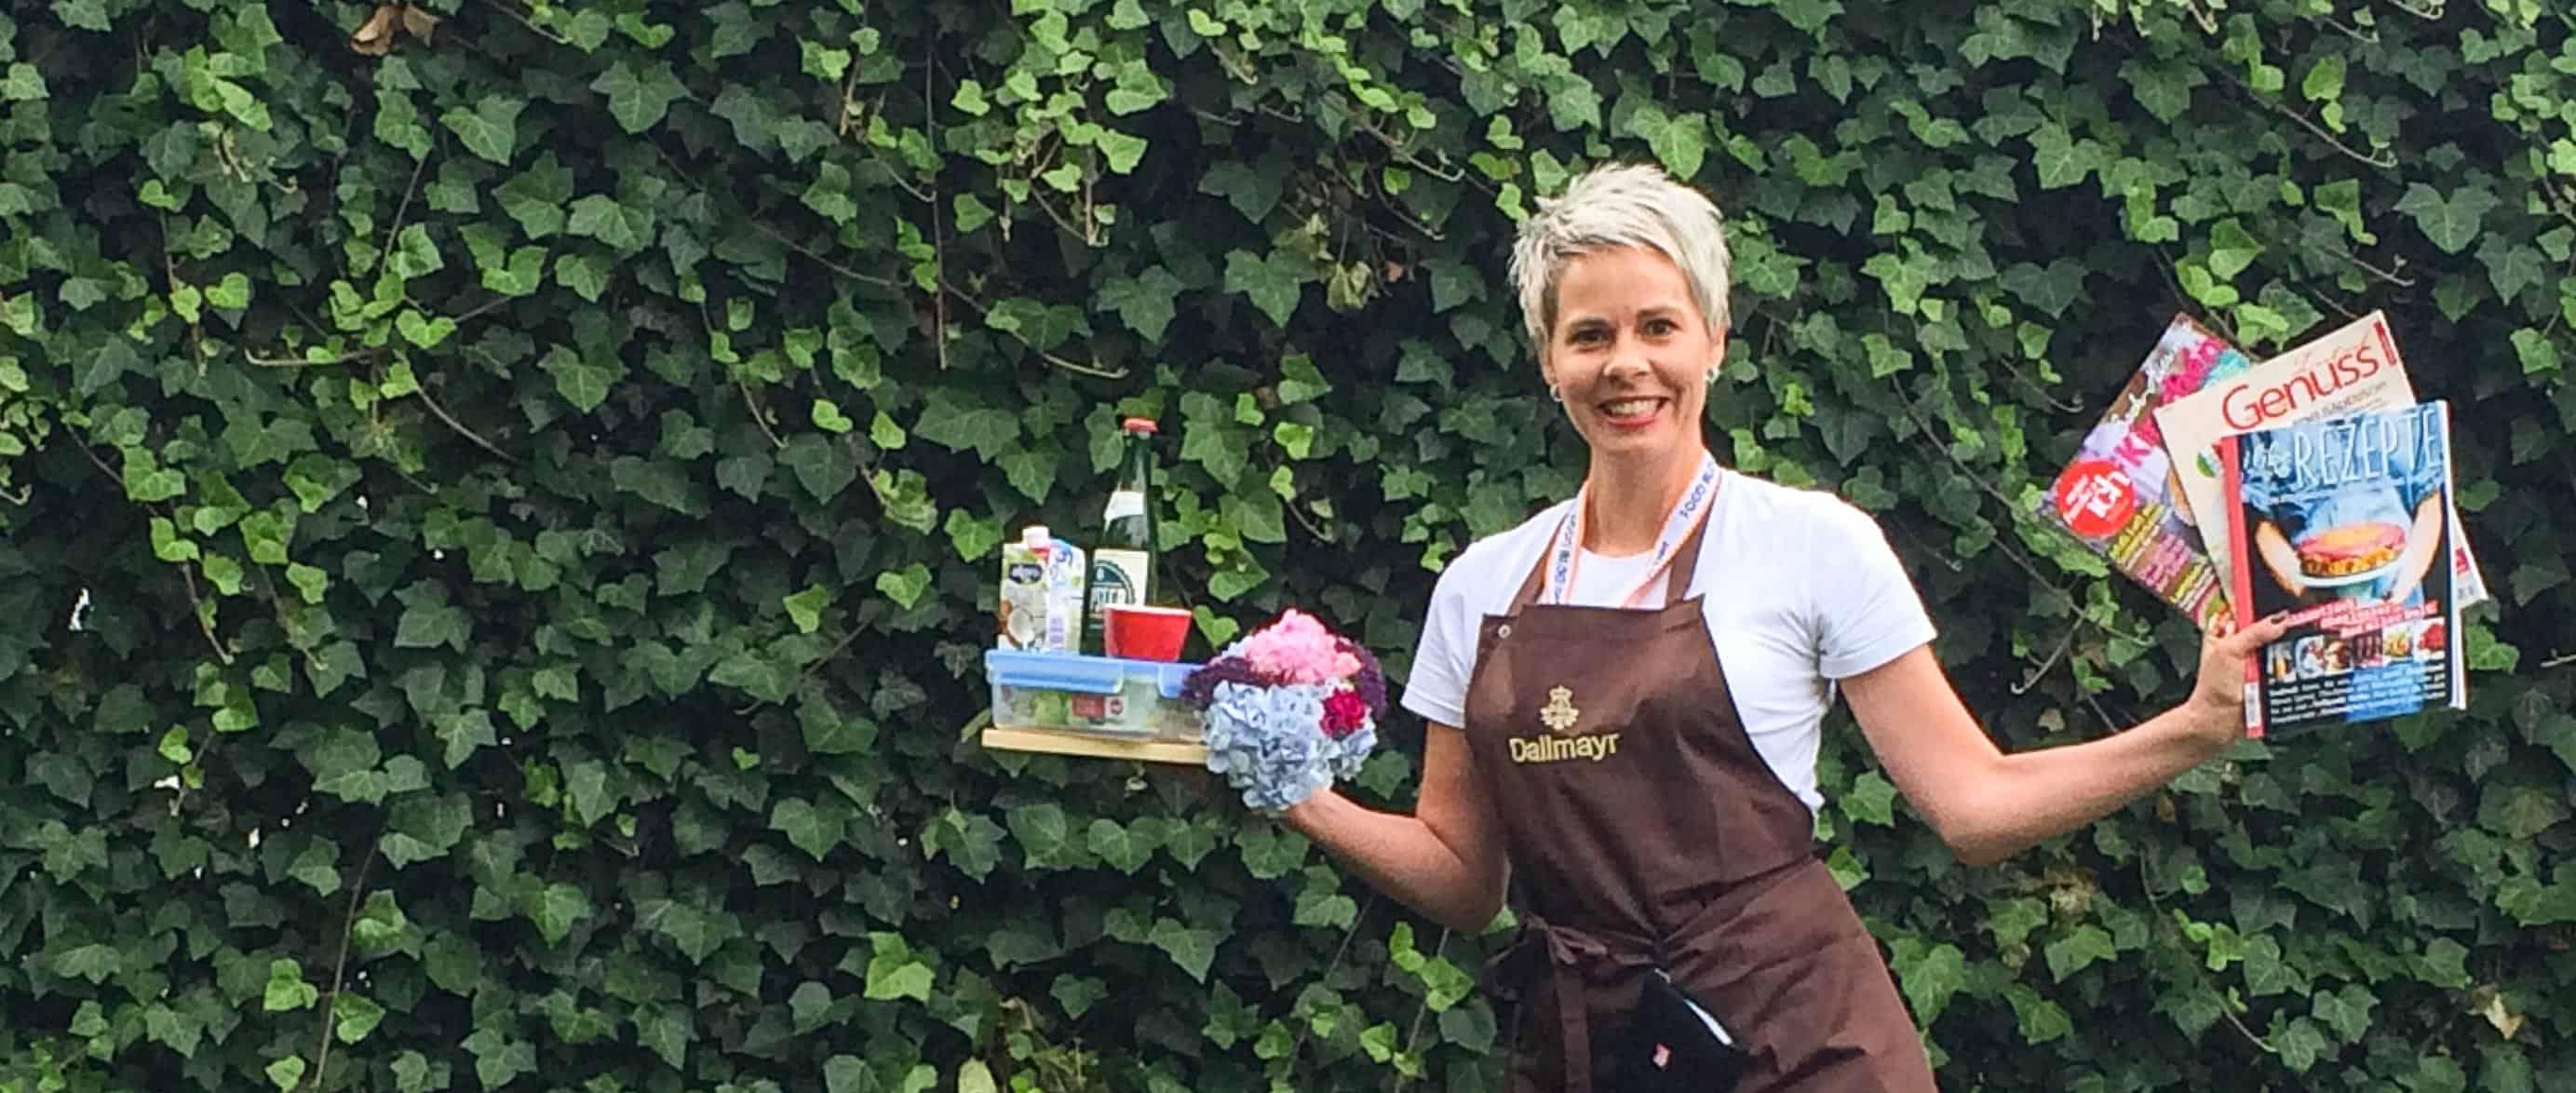 """Bettina Sturm, vom anderen FoodBlog """"Respekt Herr Specht!"""" - Stürmische Interviews mit Food-Quereinsteigern"""